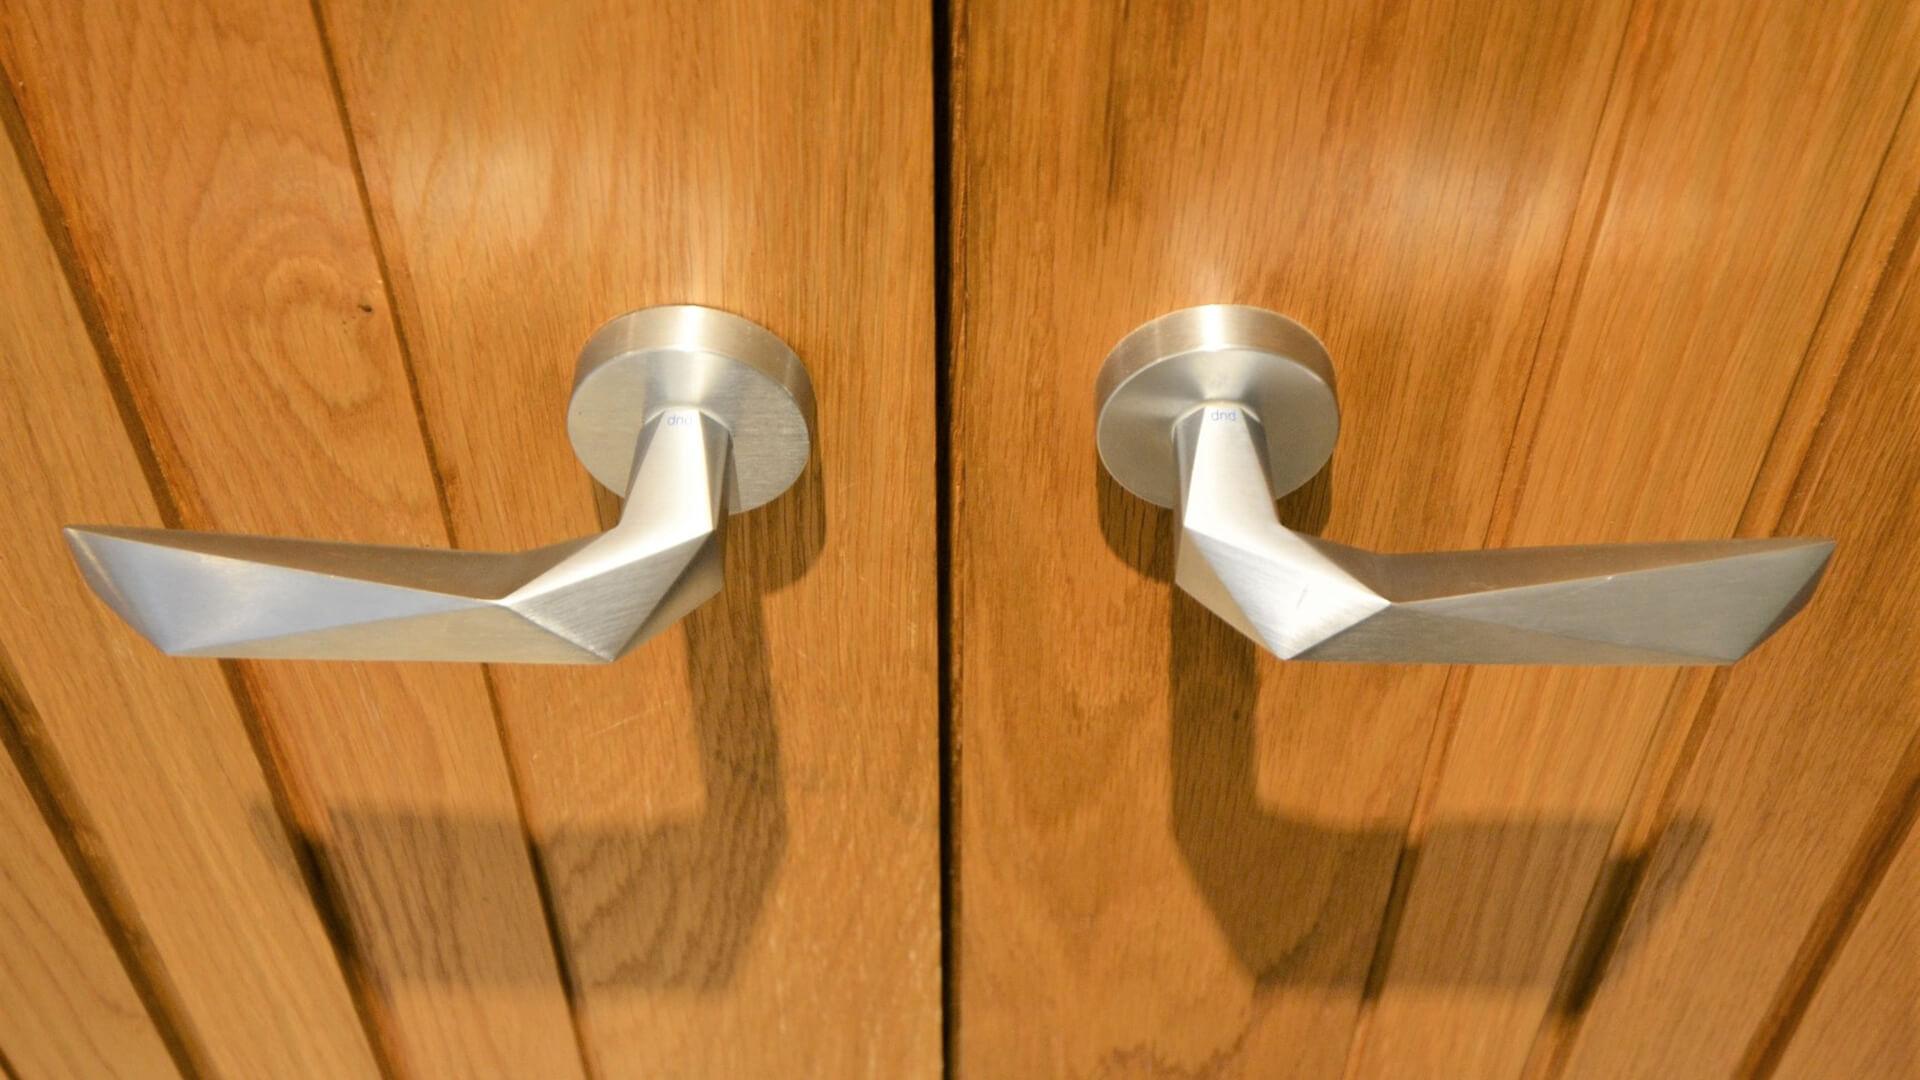 bespoke door handles